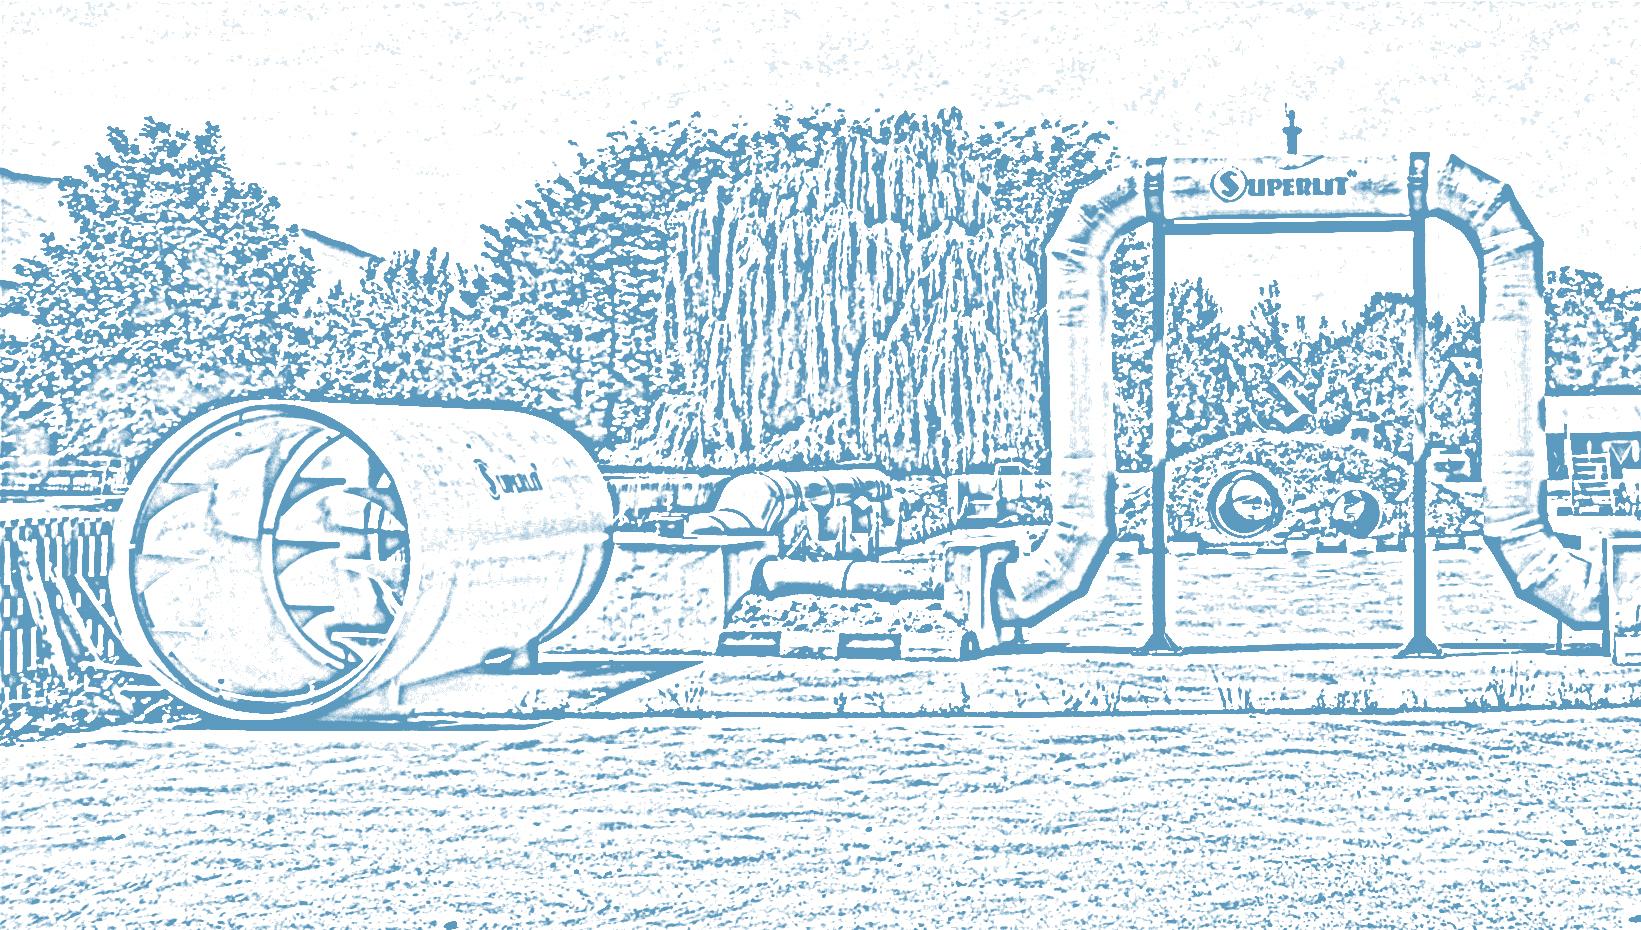 teknopark cizim